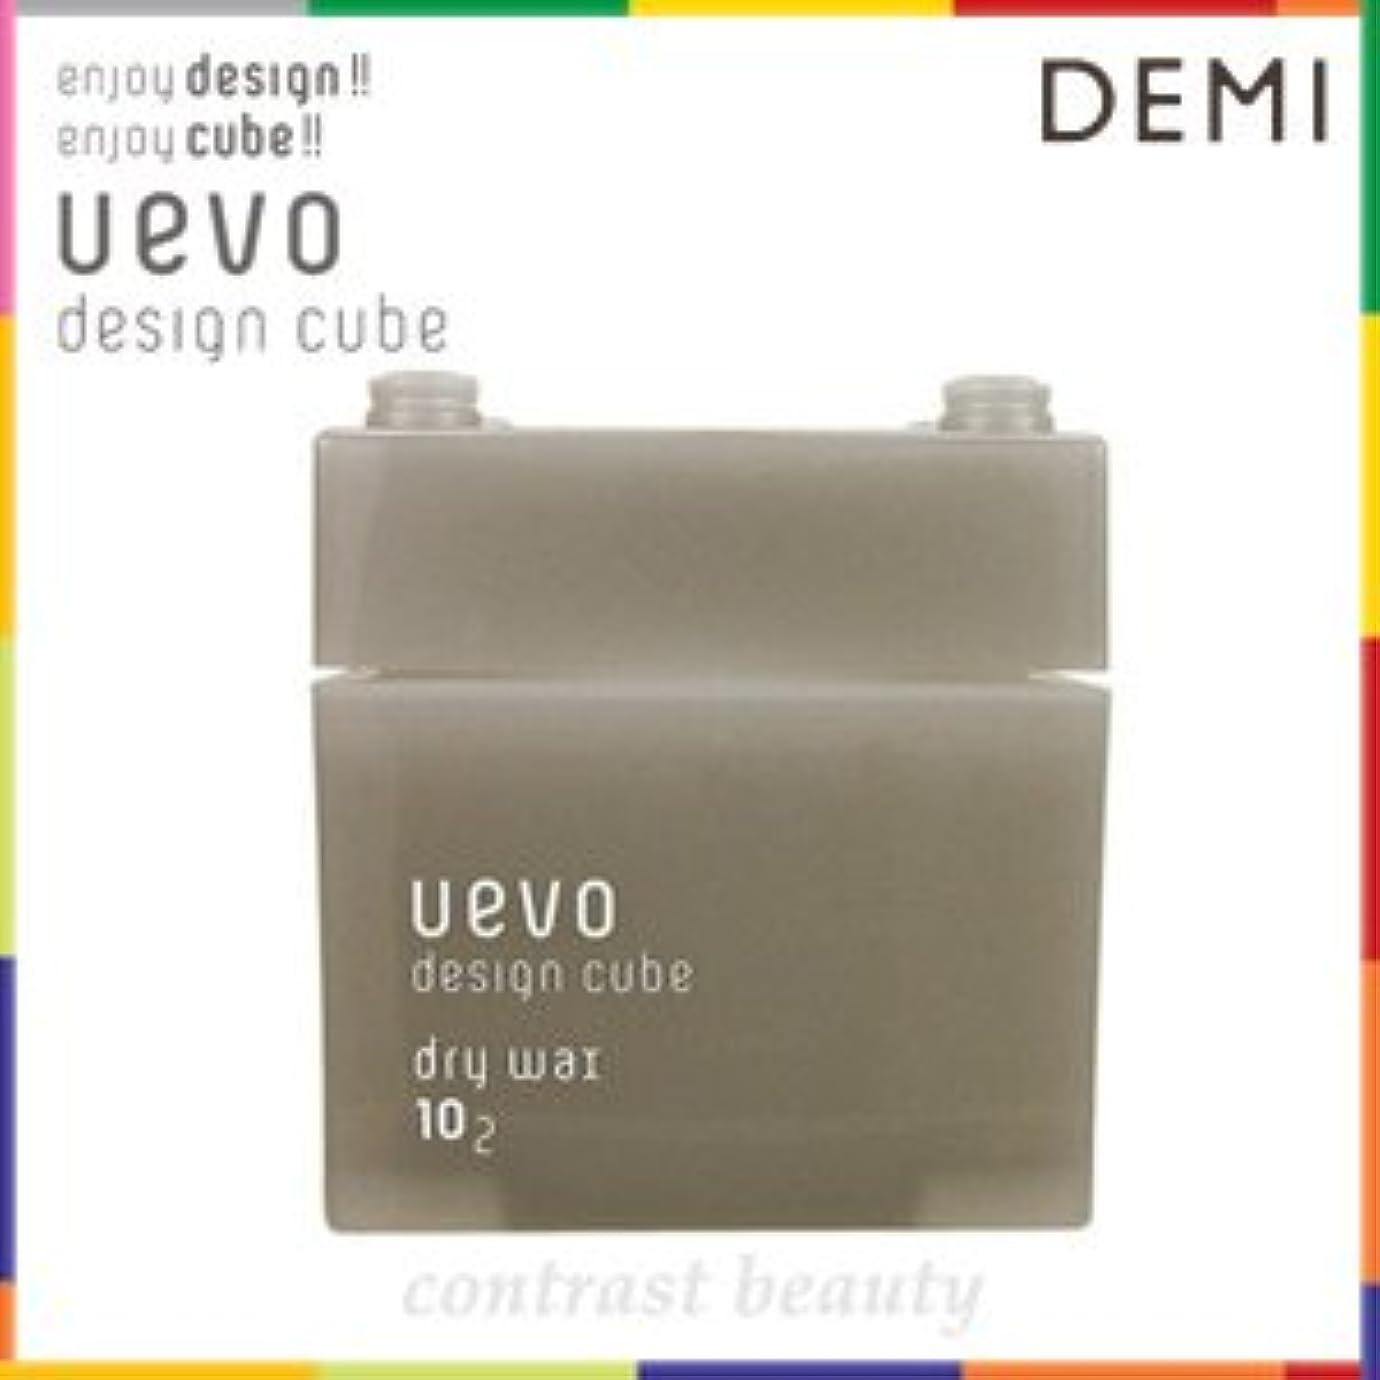 池機知に富んだ降雨【X4個セット】 デミ ウェーボ デザインキューブ ドライワックス 80g dry wax DEMI uevo design cube